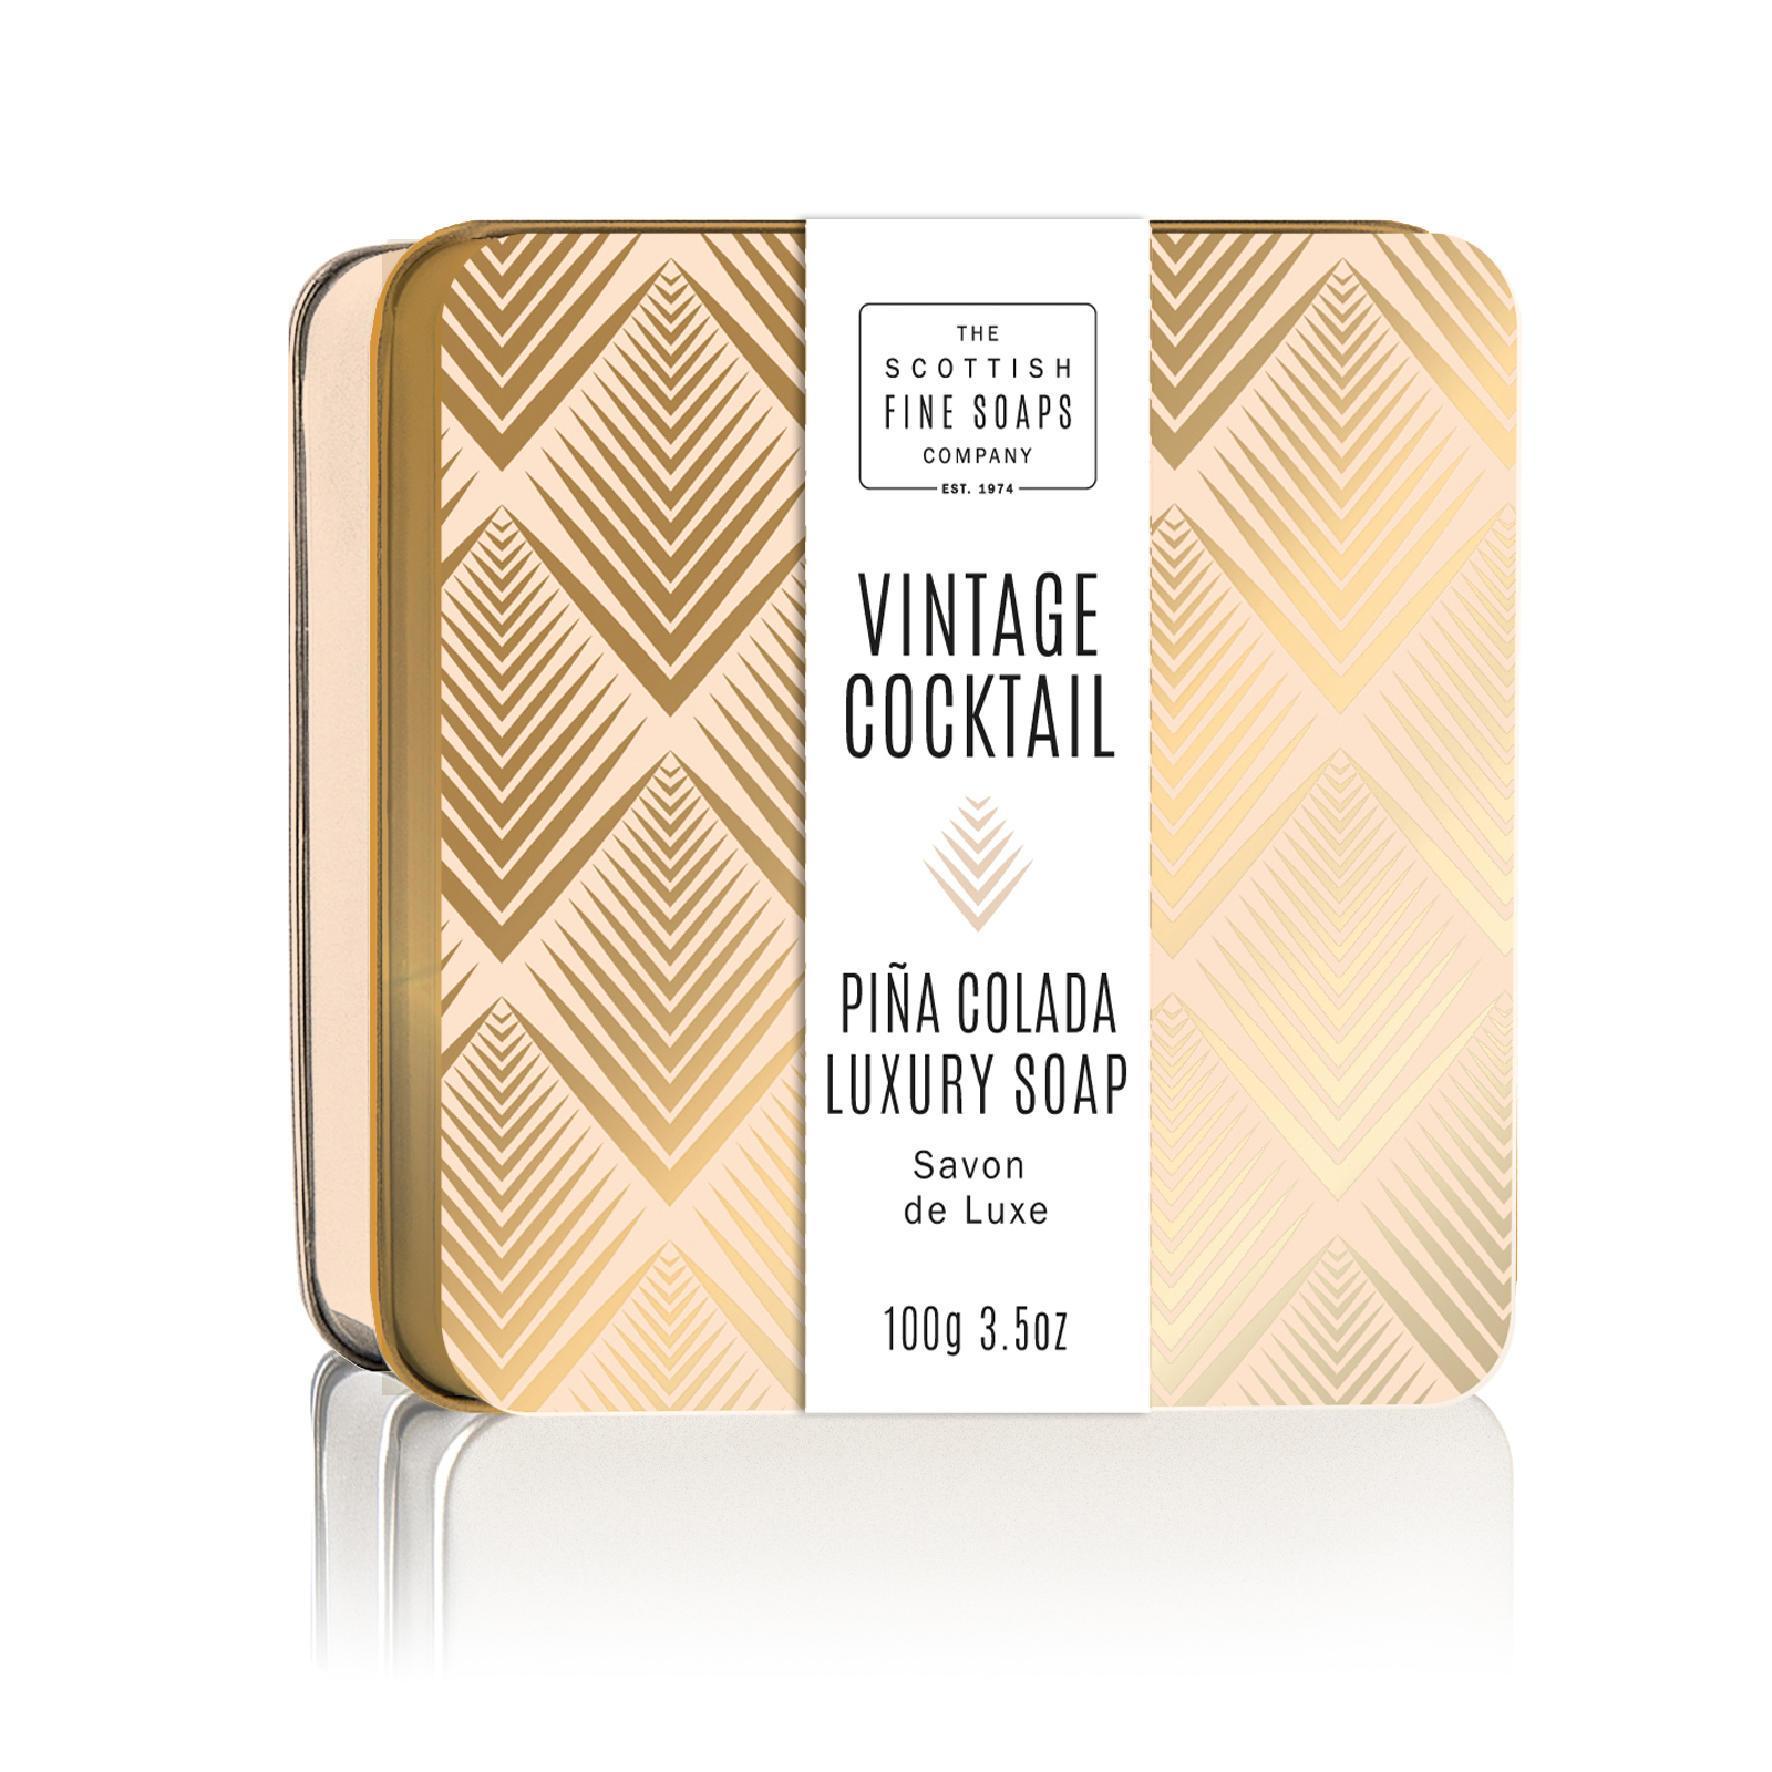 SCOTTISH FINE SOAPS Mýdlo v plechové krabičce Piña Colada Cocktail, béžová barva, zlatá barva, kov